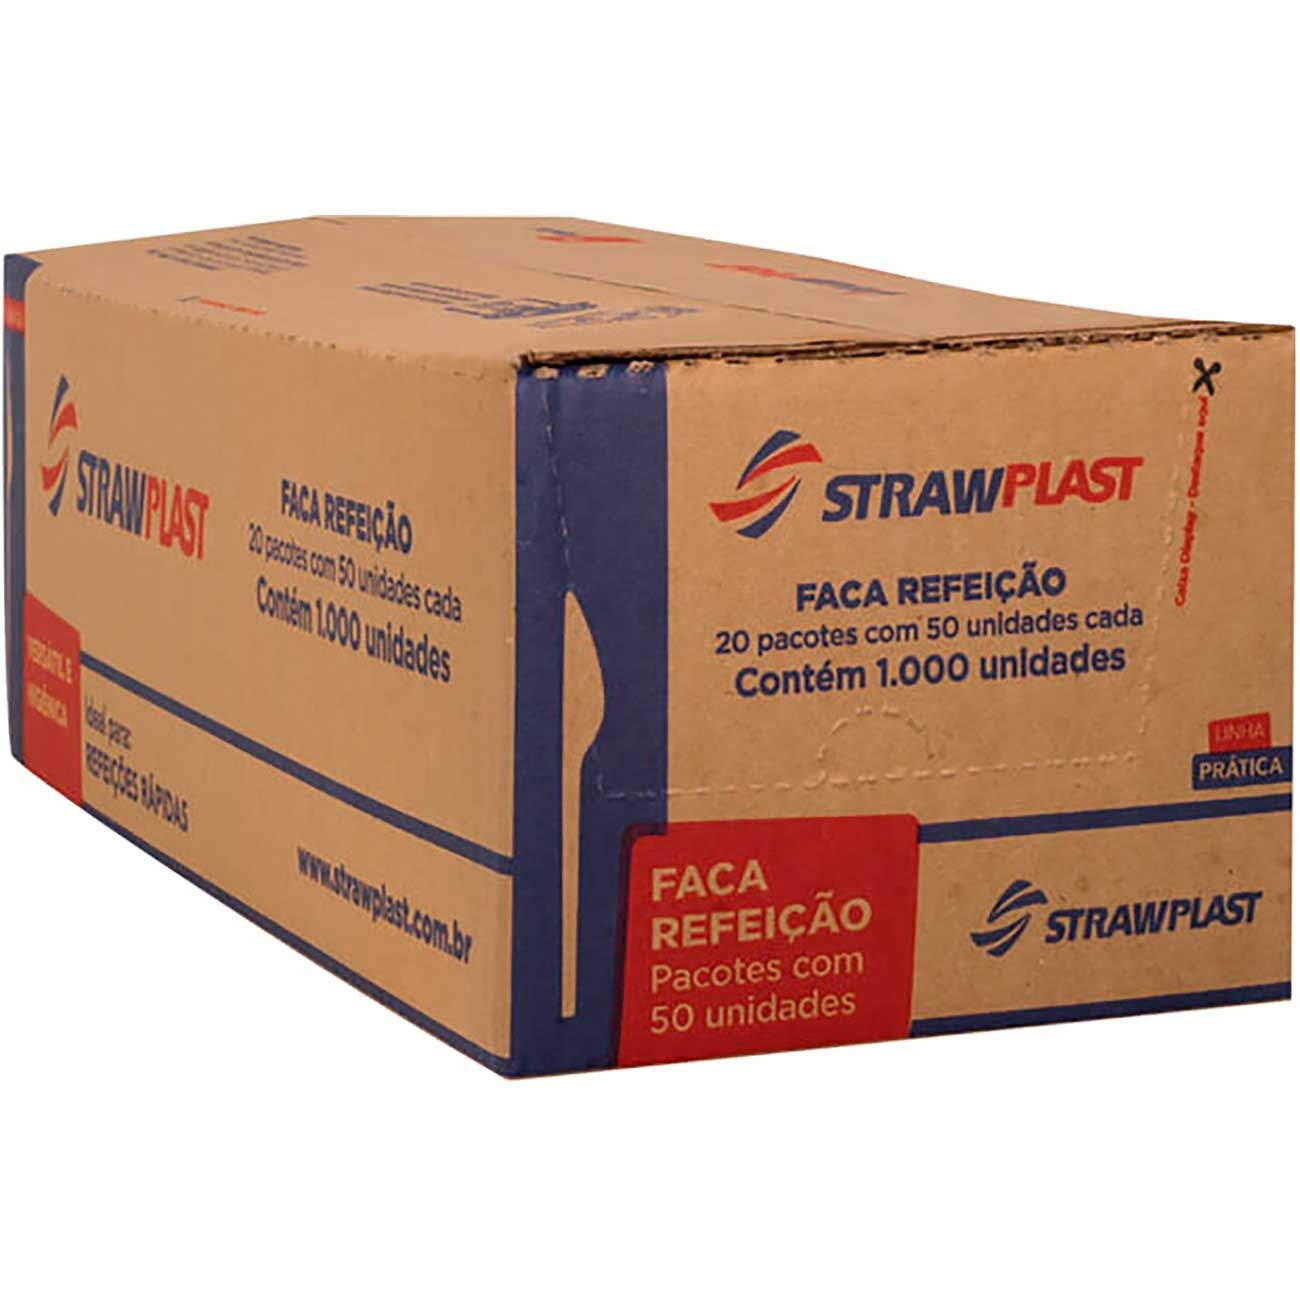 Faca Descart�vel Refei��o Strawplast Cristal - Fsc-701 | Caixa com 1000 unidades